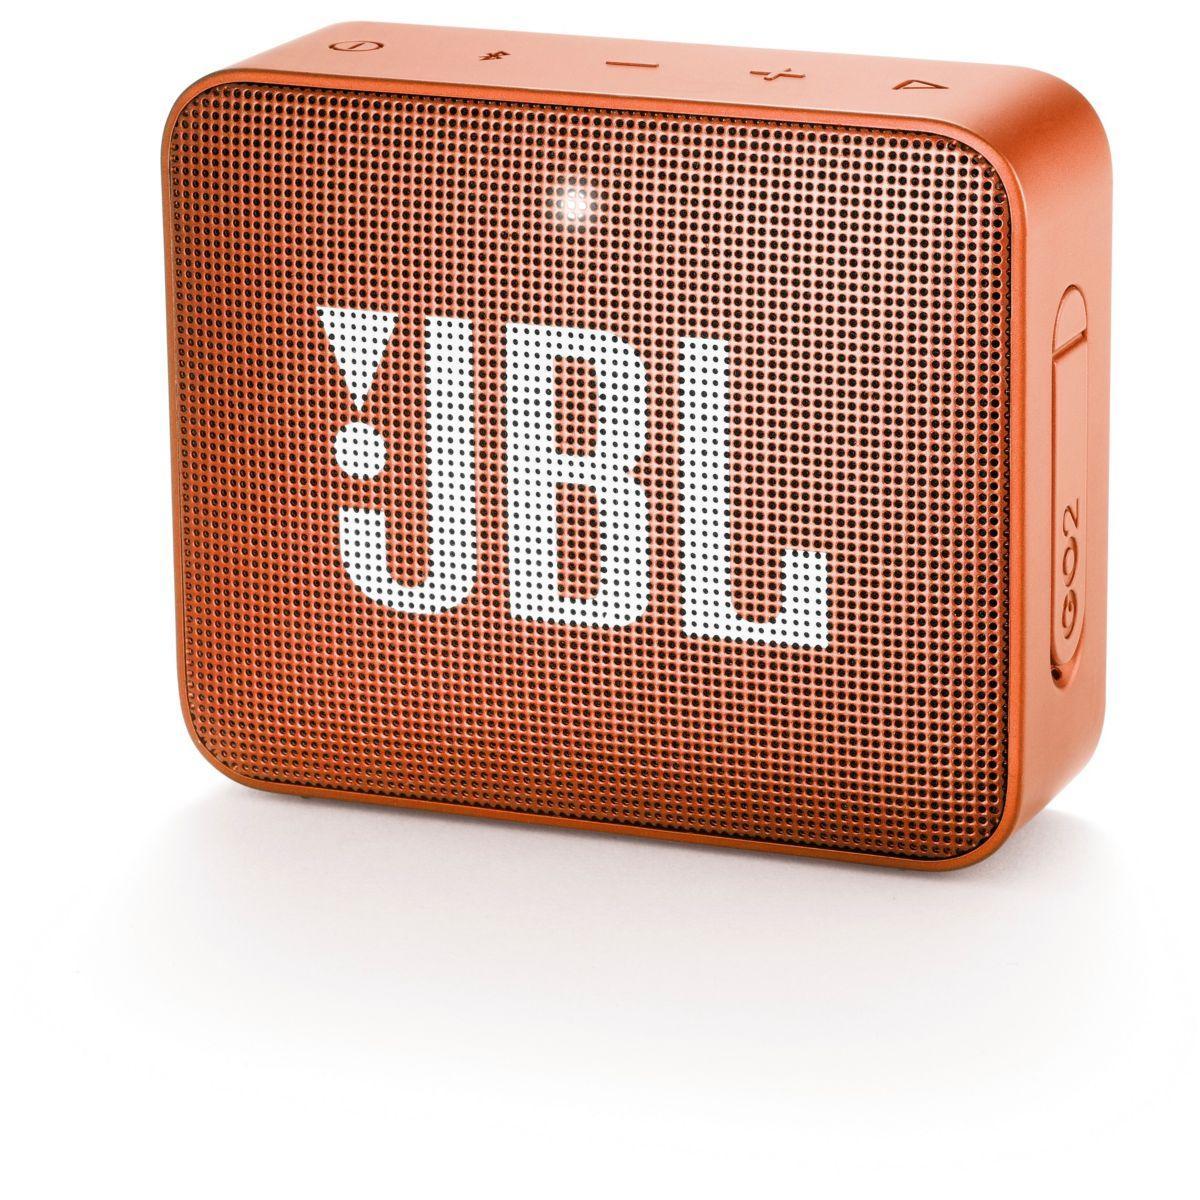 Enceinte bluetooth jbl go 2 orange - livraison offerte : code livdom (photo)